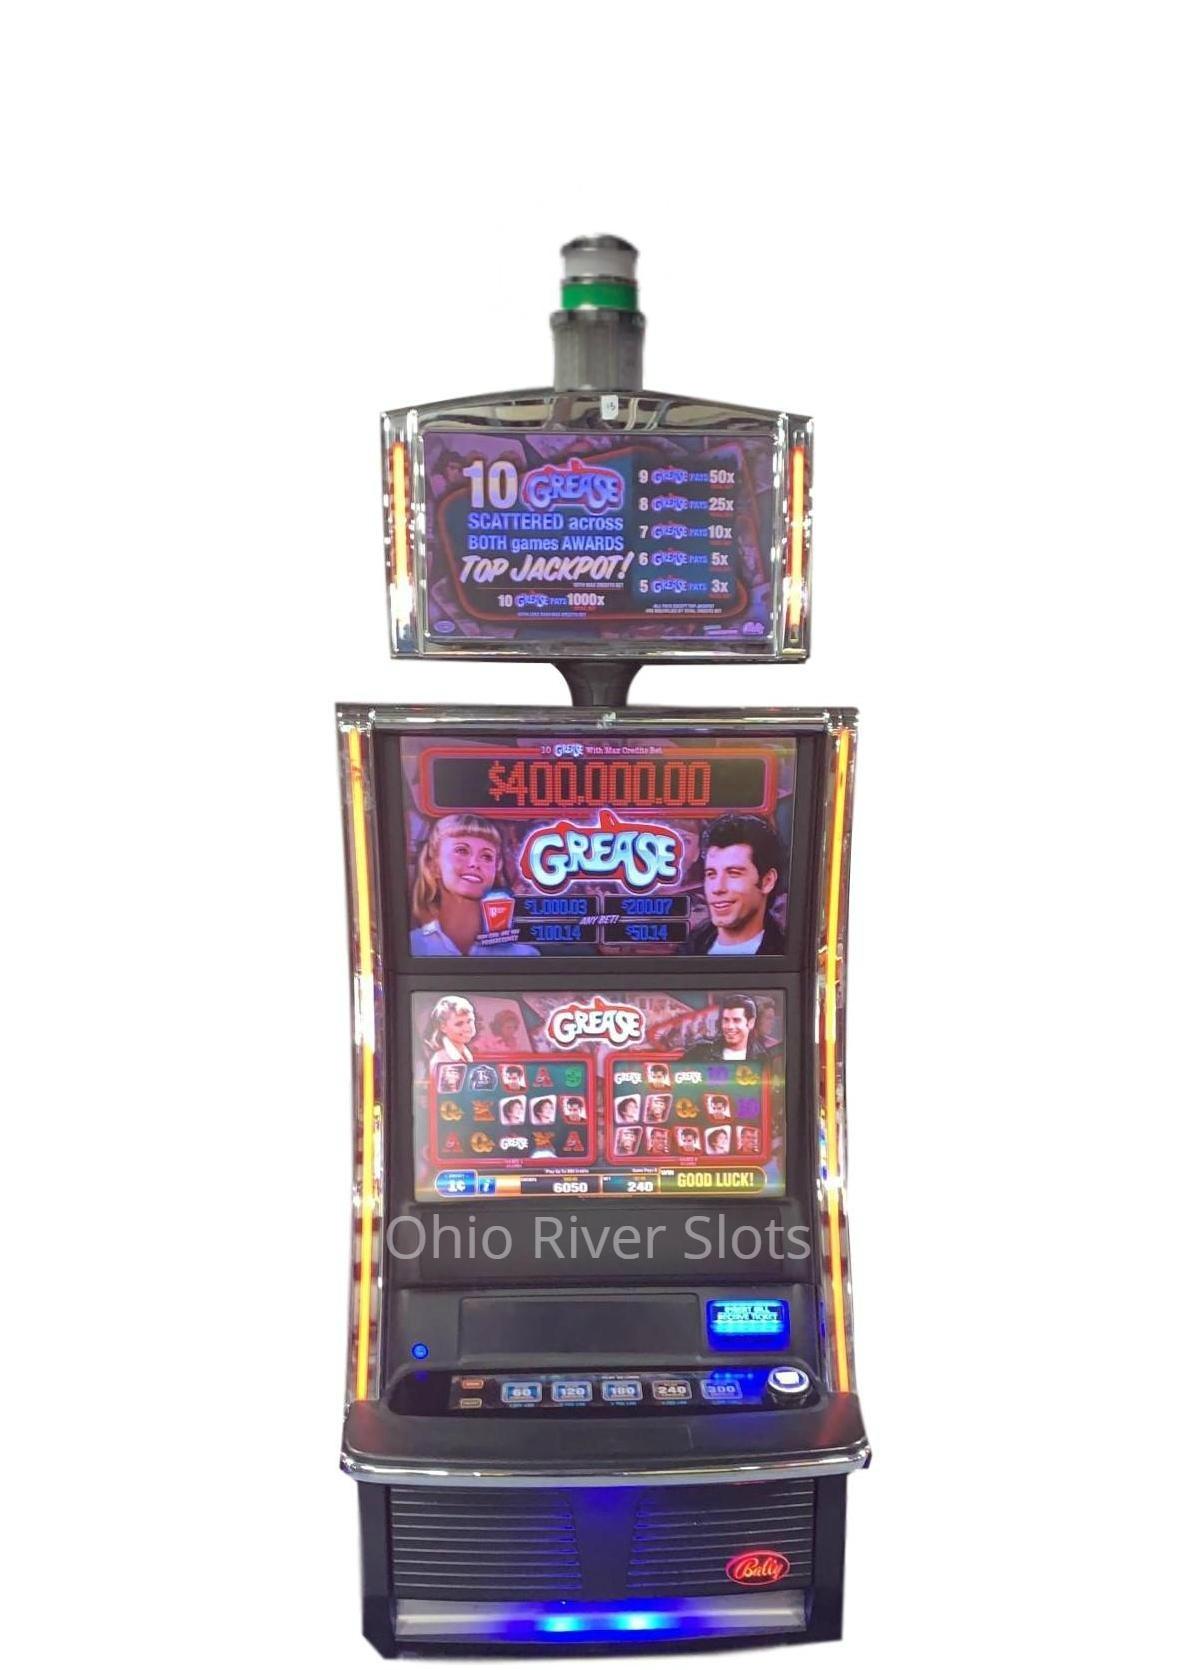 Grease Slots